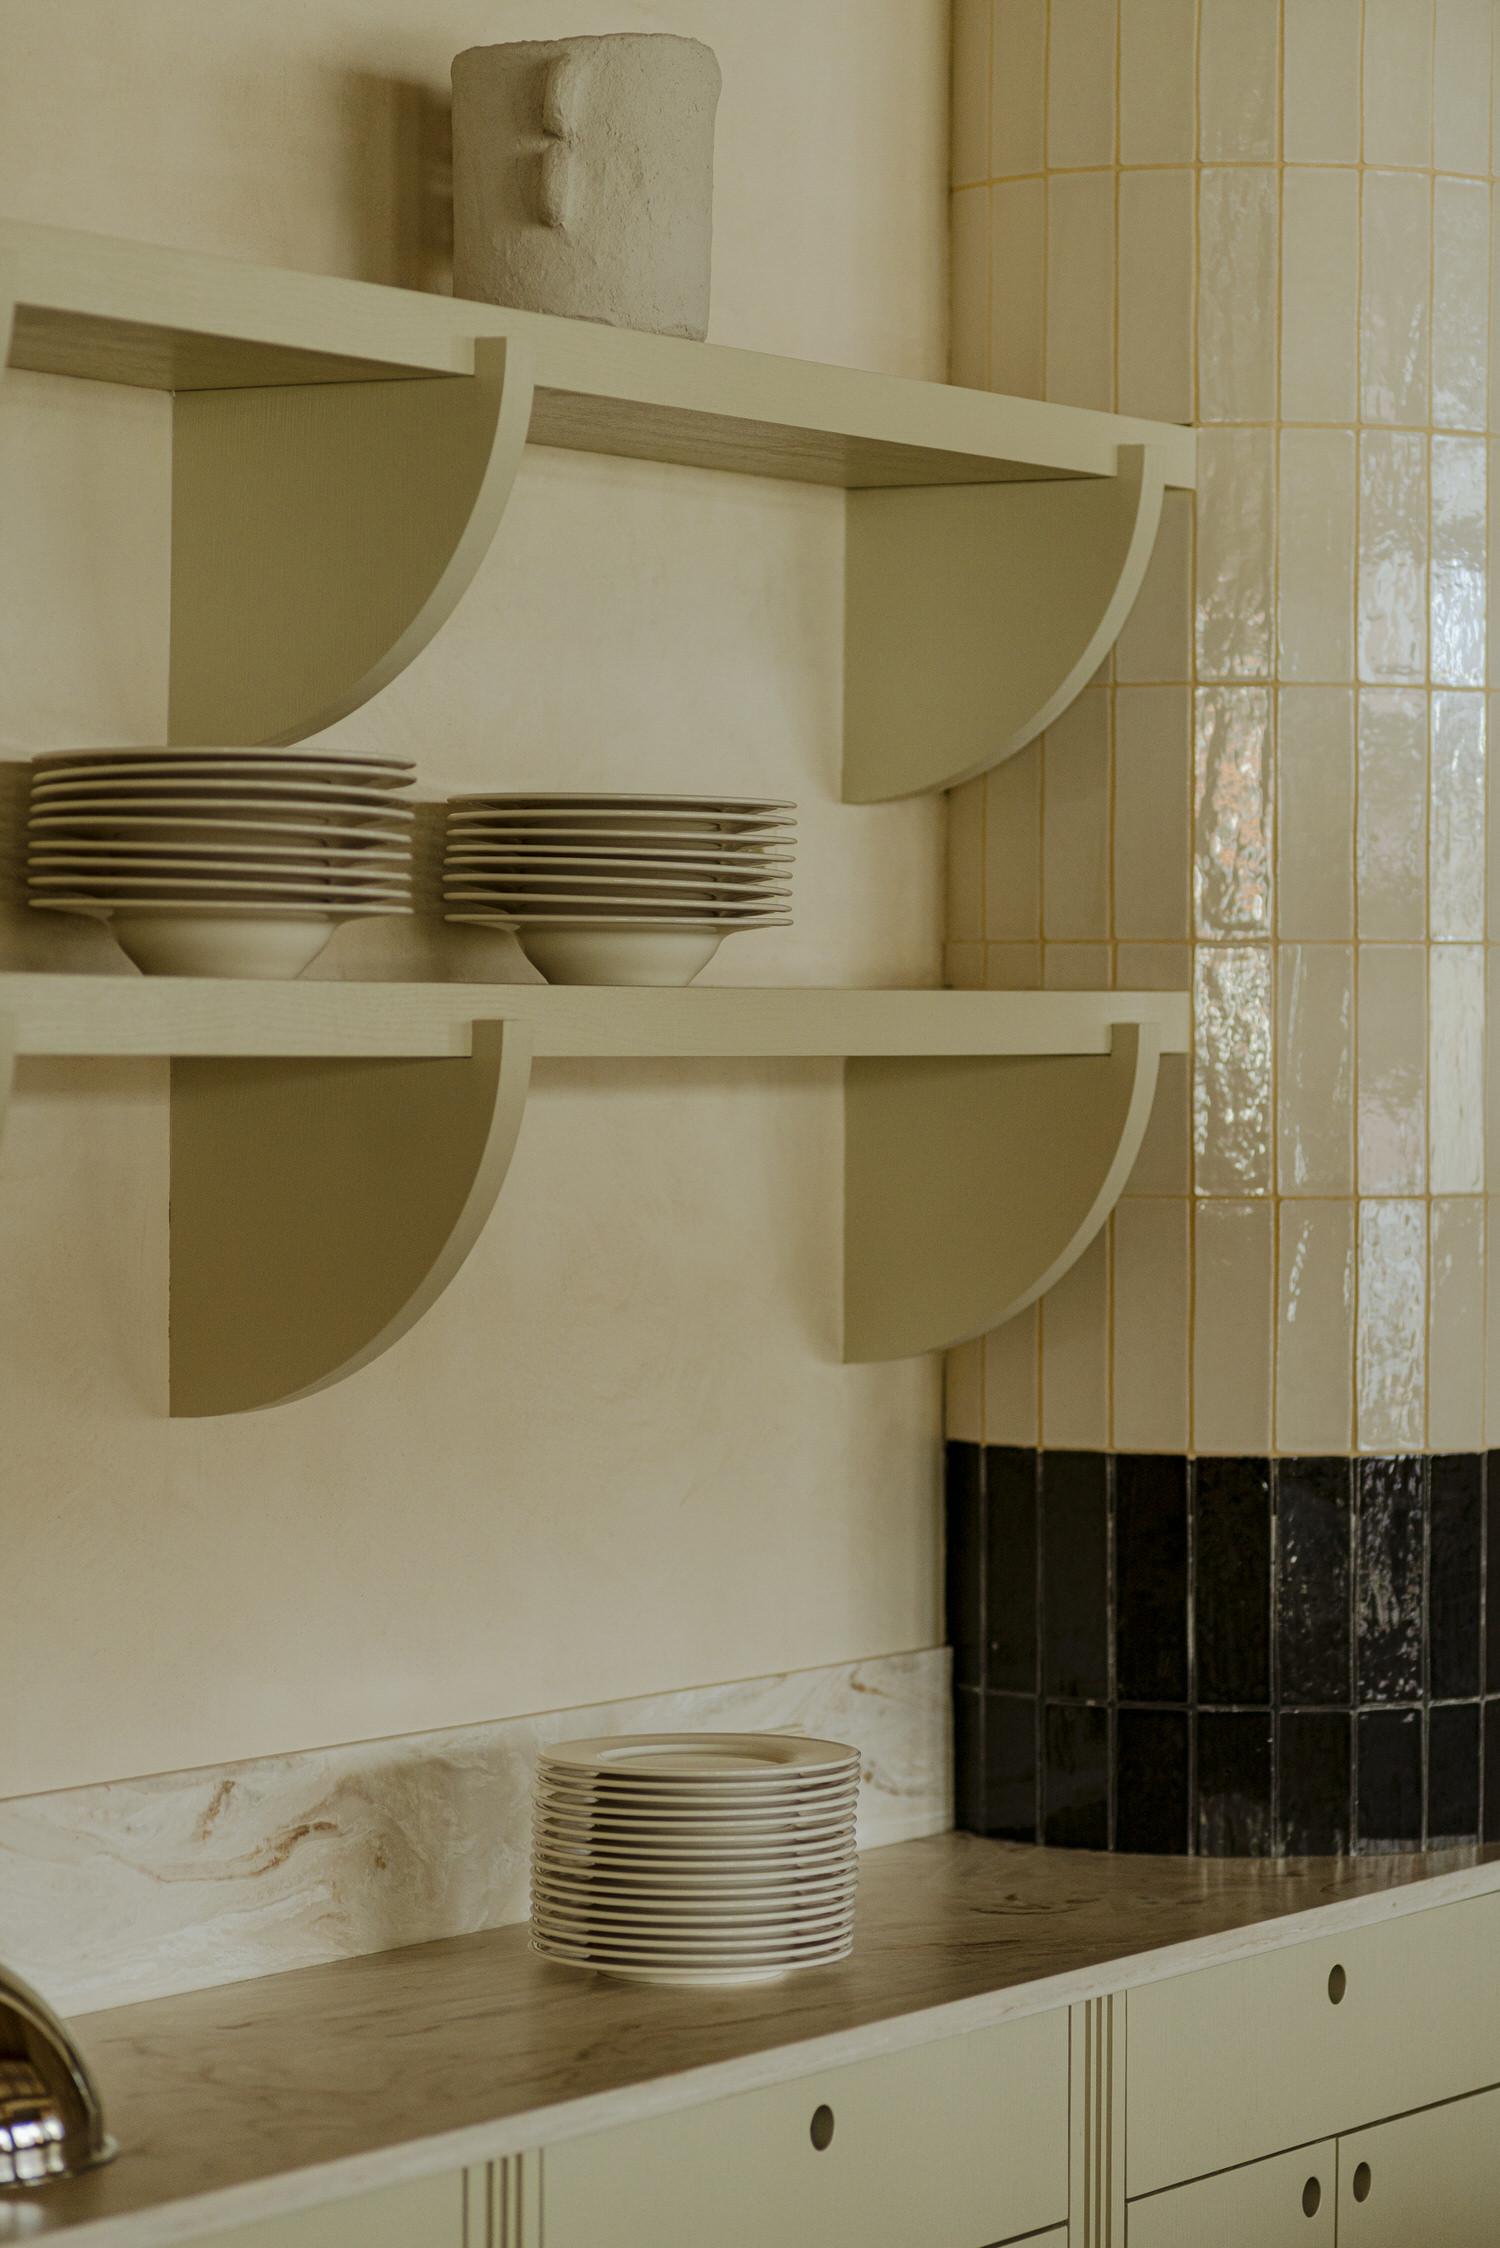 Paradowski Studio Puro Hotel Krakow Photo Pion Studio Yellowtrace 31